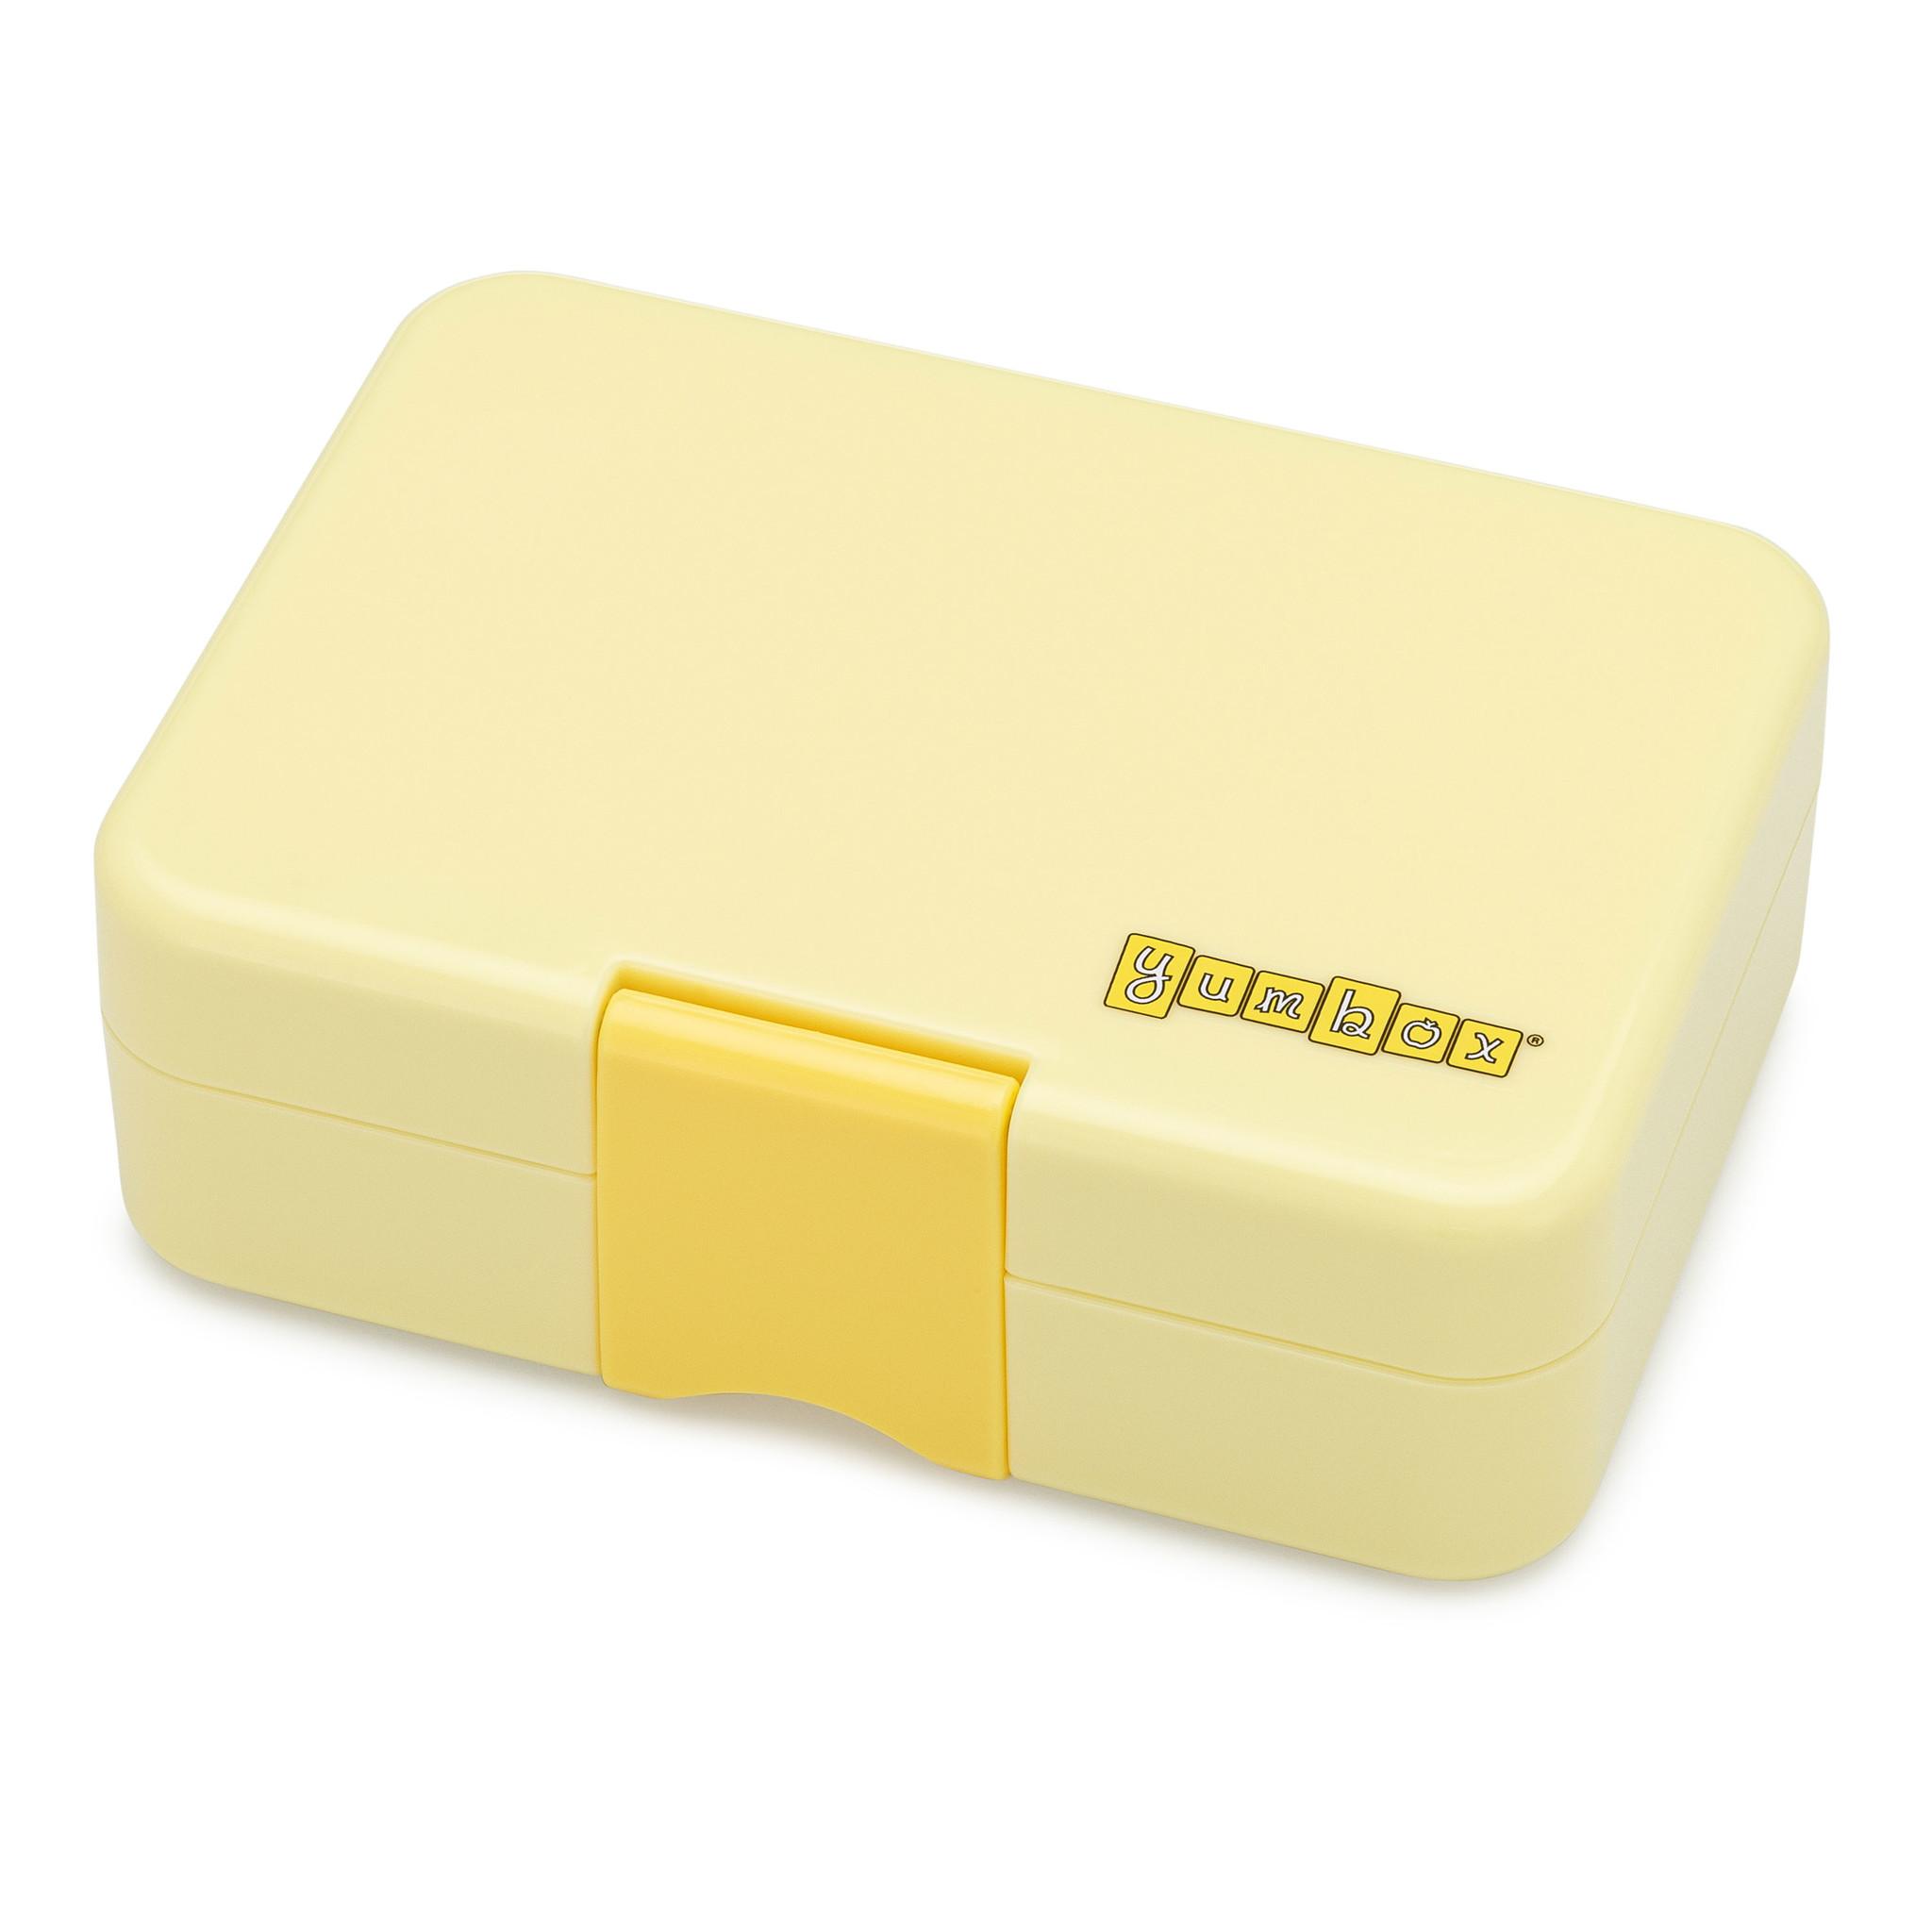 Yumbox MiniSnack broodtrommel 3 vakken Sunburst geel / Toucan tray-4